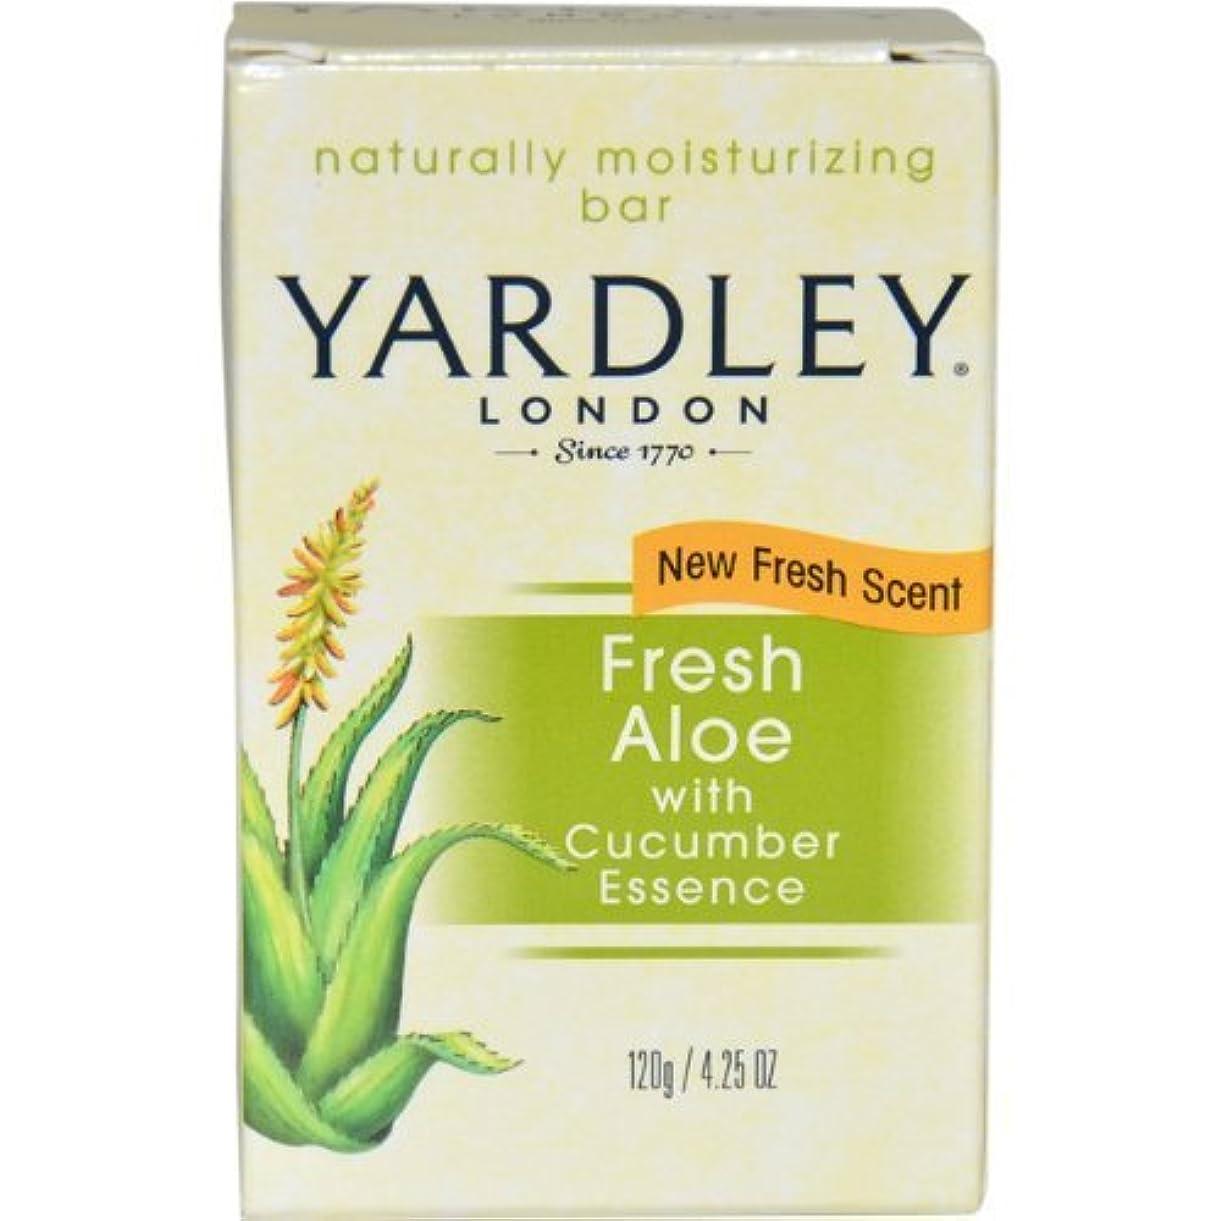 悲惨雑草面積Fresh Aloe with Cucumber Essence Bar Soap Soap Unisex by Yardley, 4.25 Ounce (Packaging May Vary) by Yardley [...